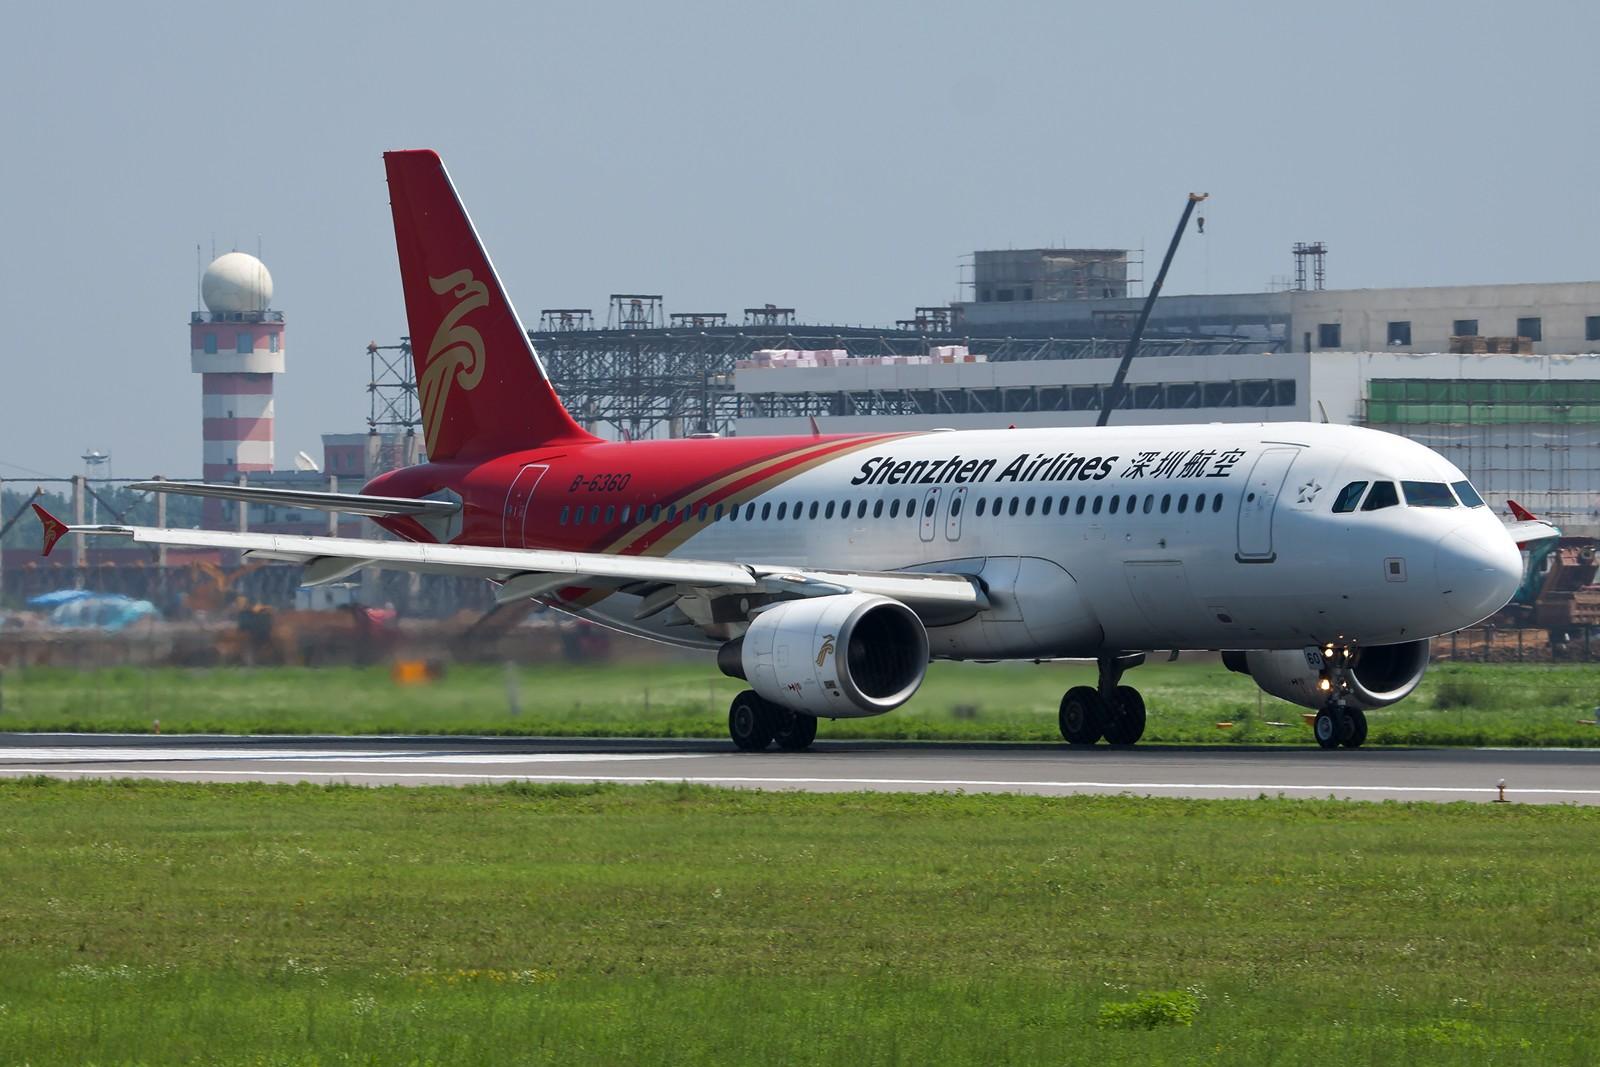 Re:[原创]沈阳桃仙国际机场 24号跑道 深圳航空一组 AIRBUS A320-200 B-6360 中国沈阳桃仙机场